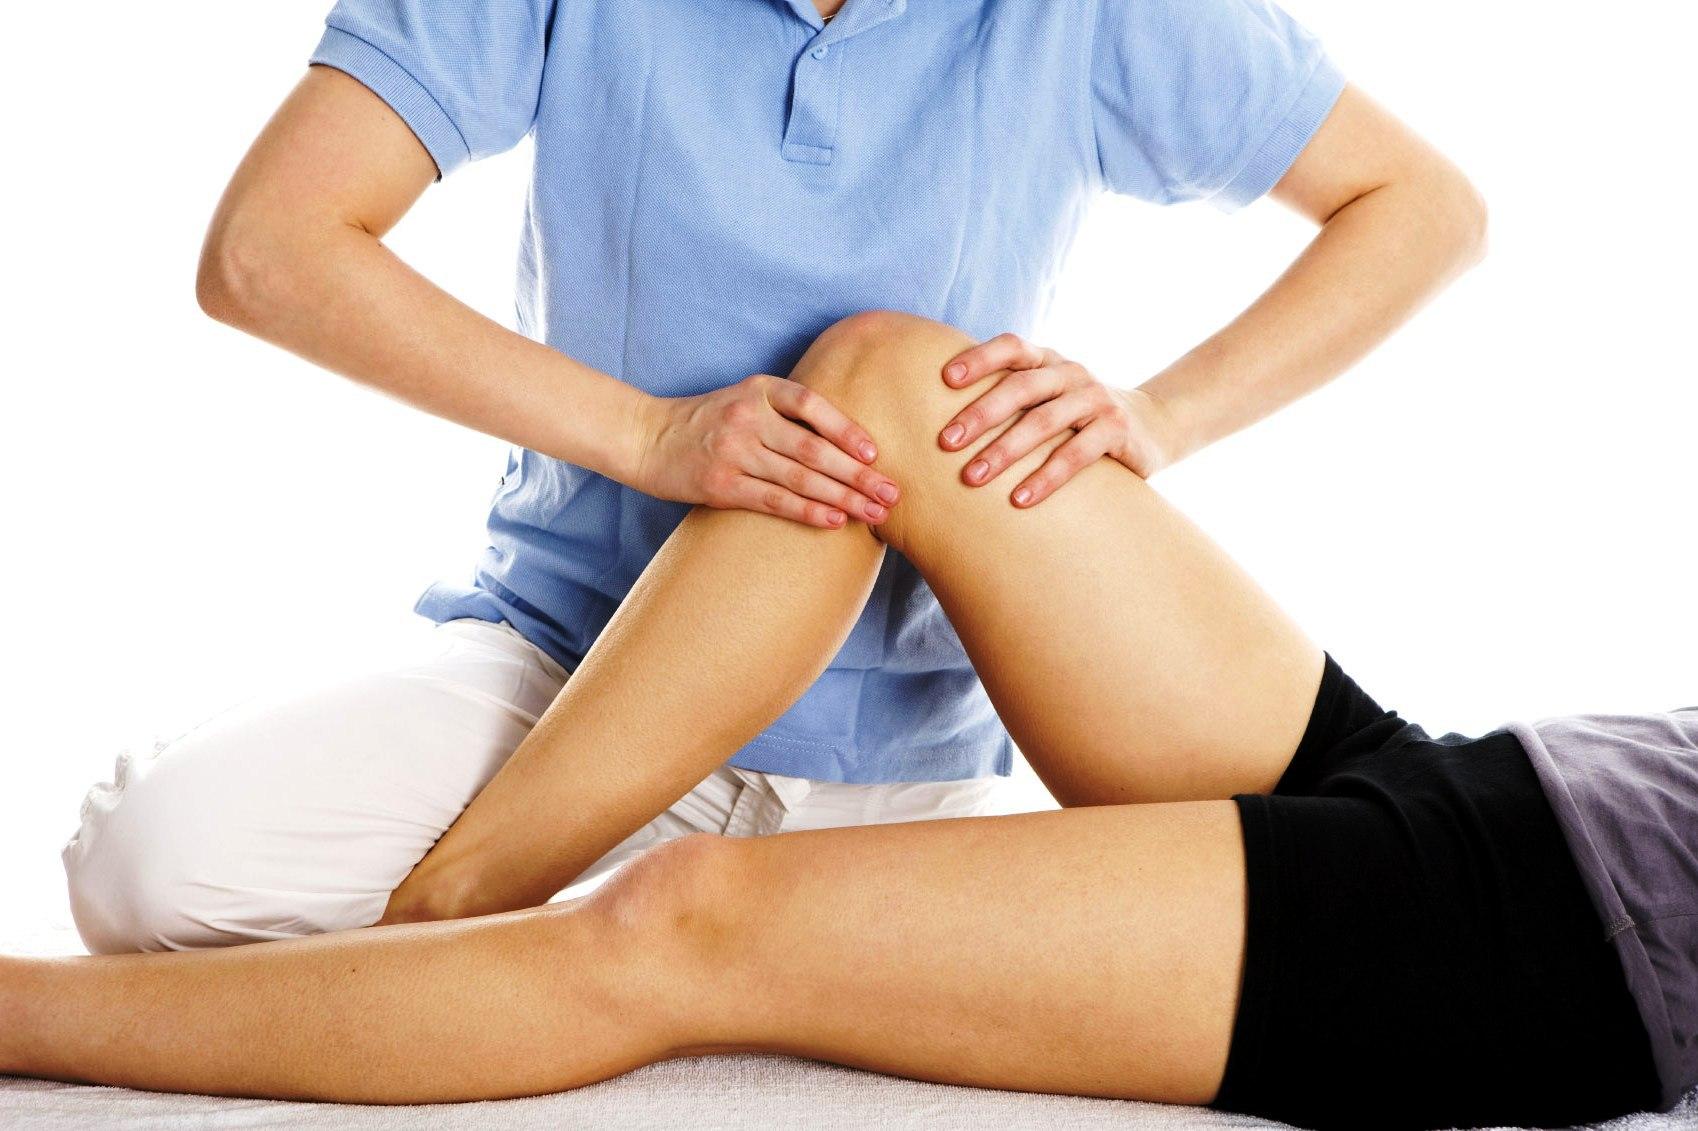 Fisioterapia: le spese sono detraibili nel 730